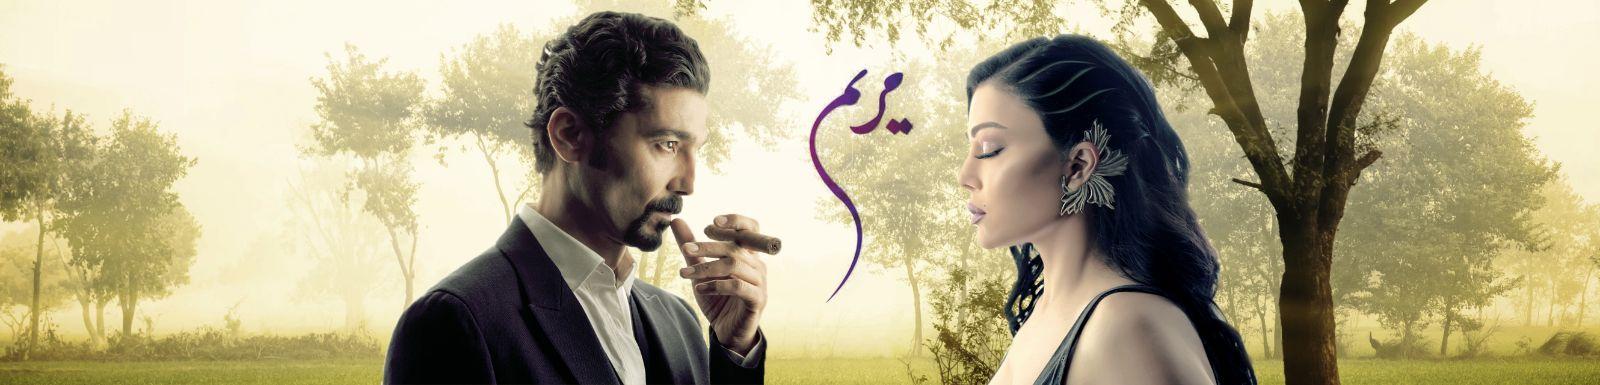 تحميل مسلسل مريم الحلقة 14 MBC shahid شاهد نت